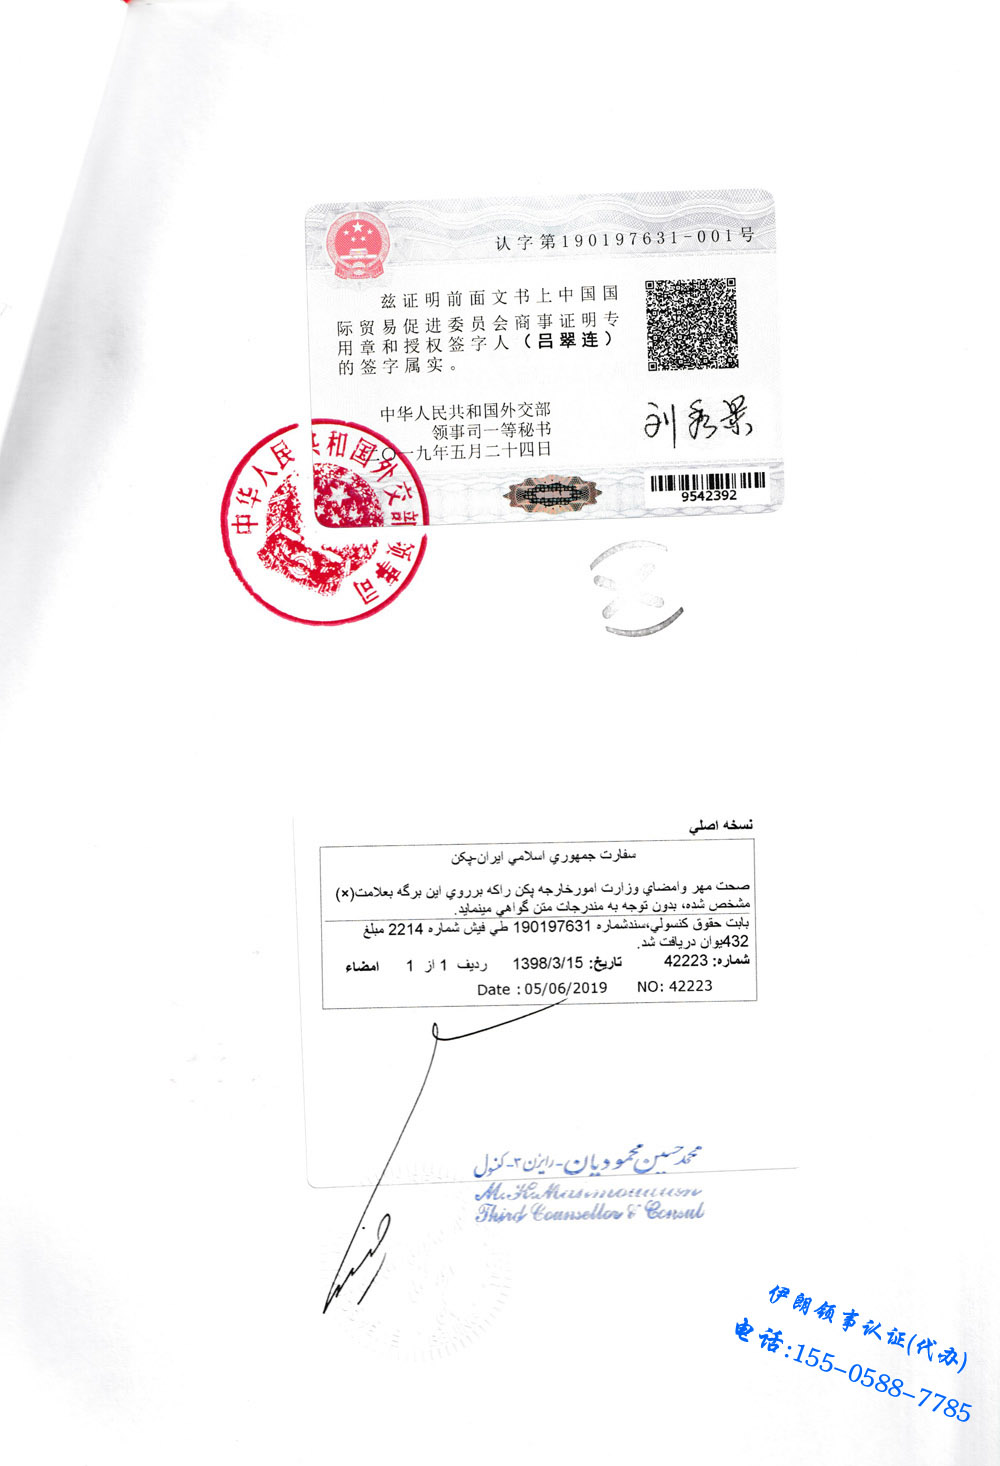 伊朗领事认证